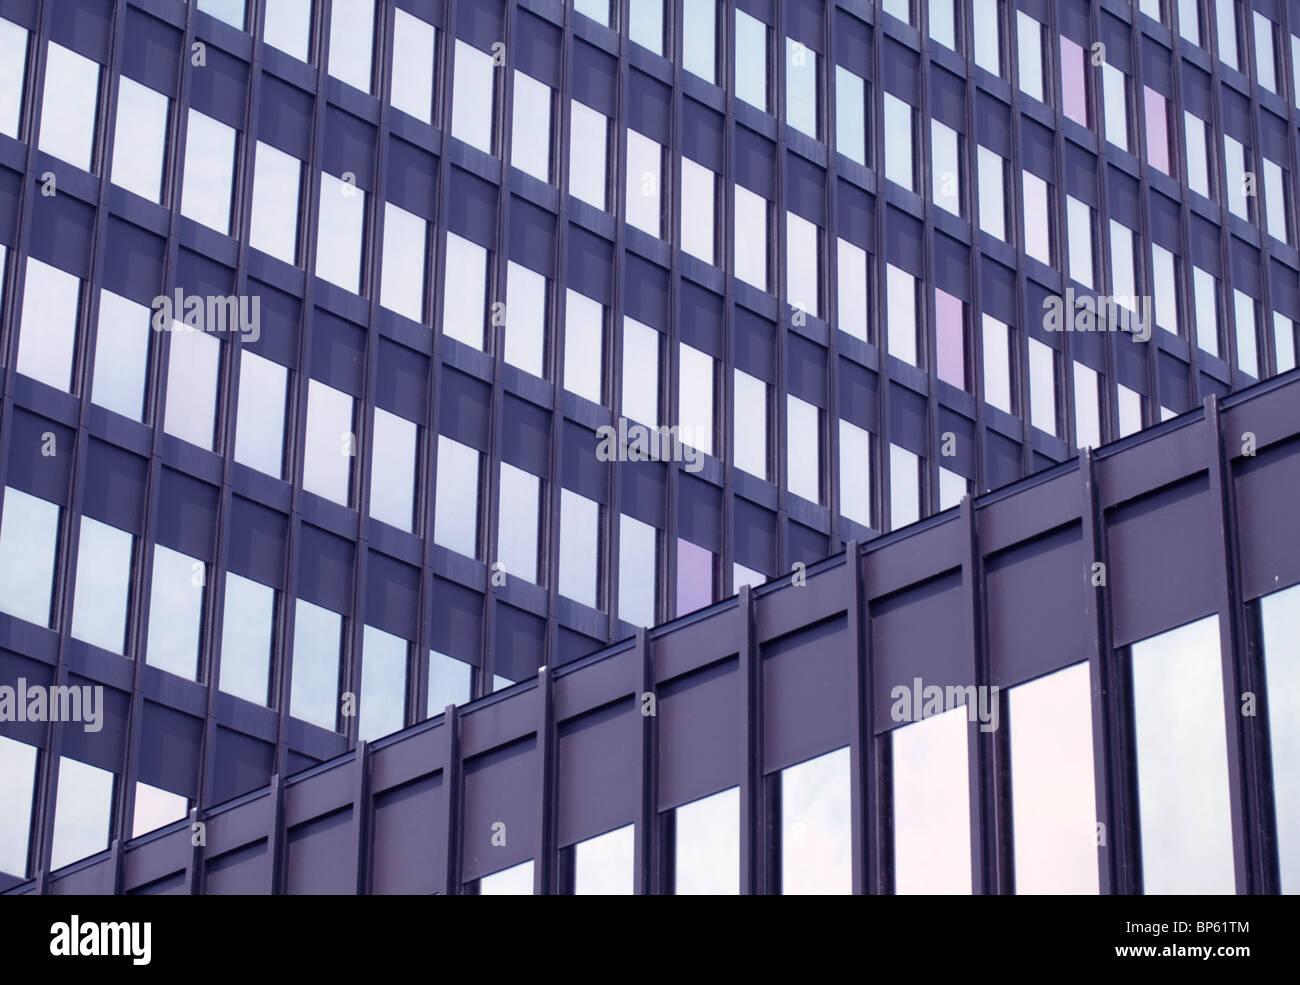 Das äußere eines Bürogebäudes aus Stahl und Glas Stockbild